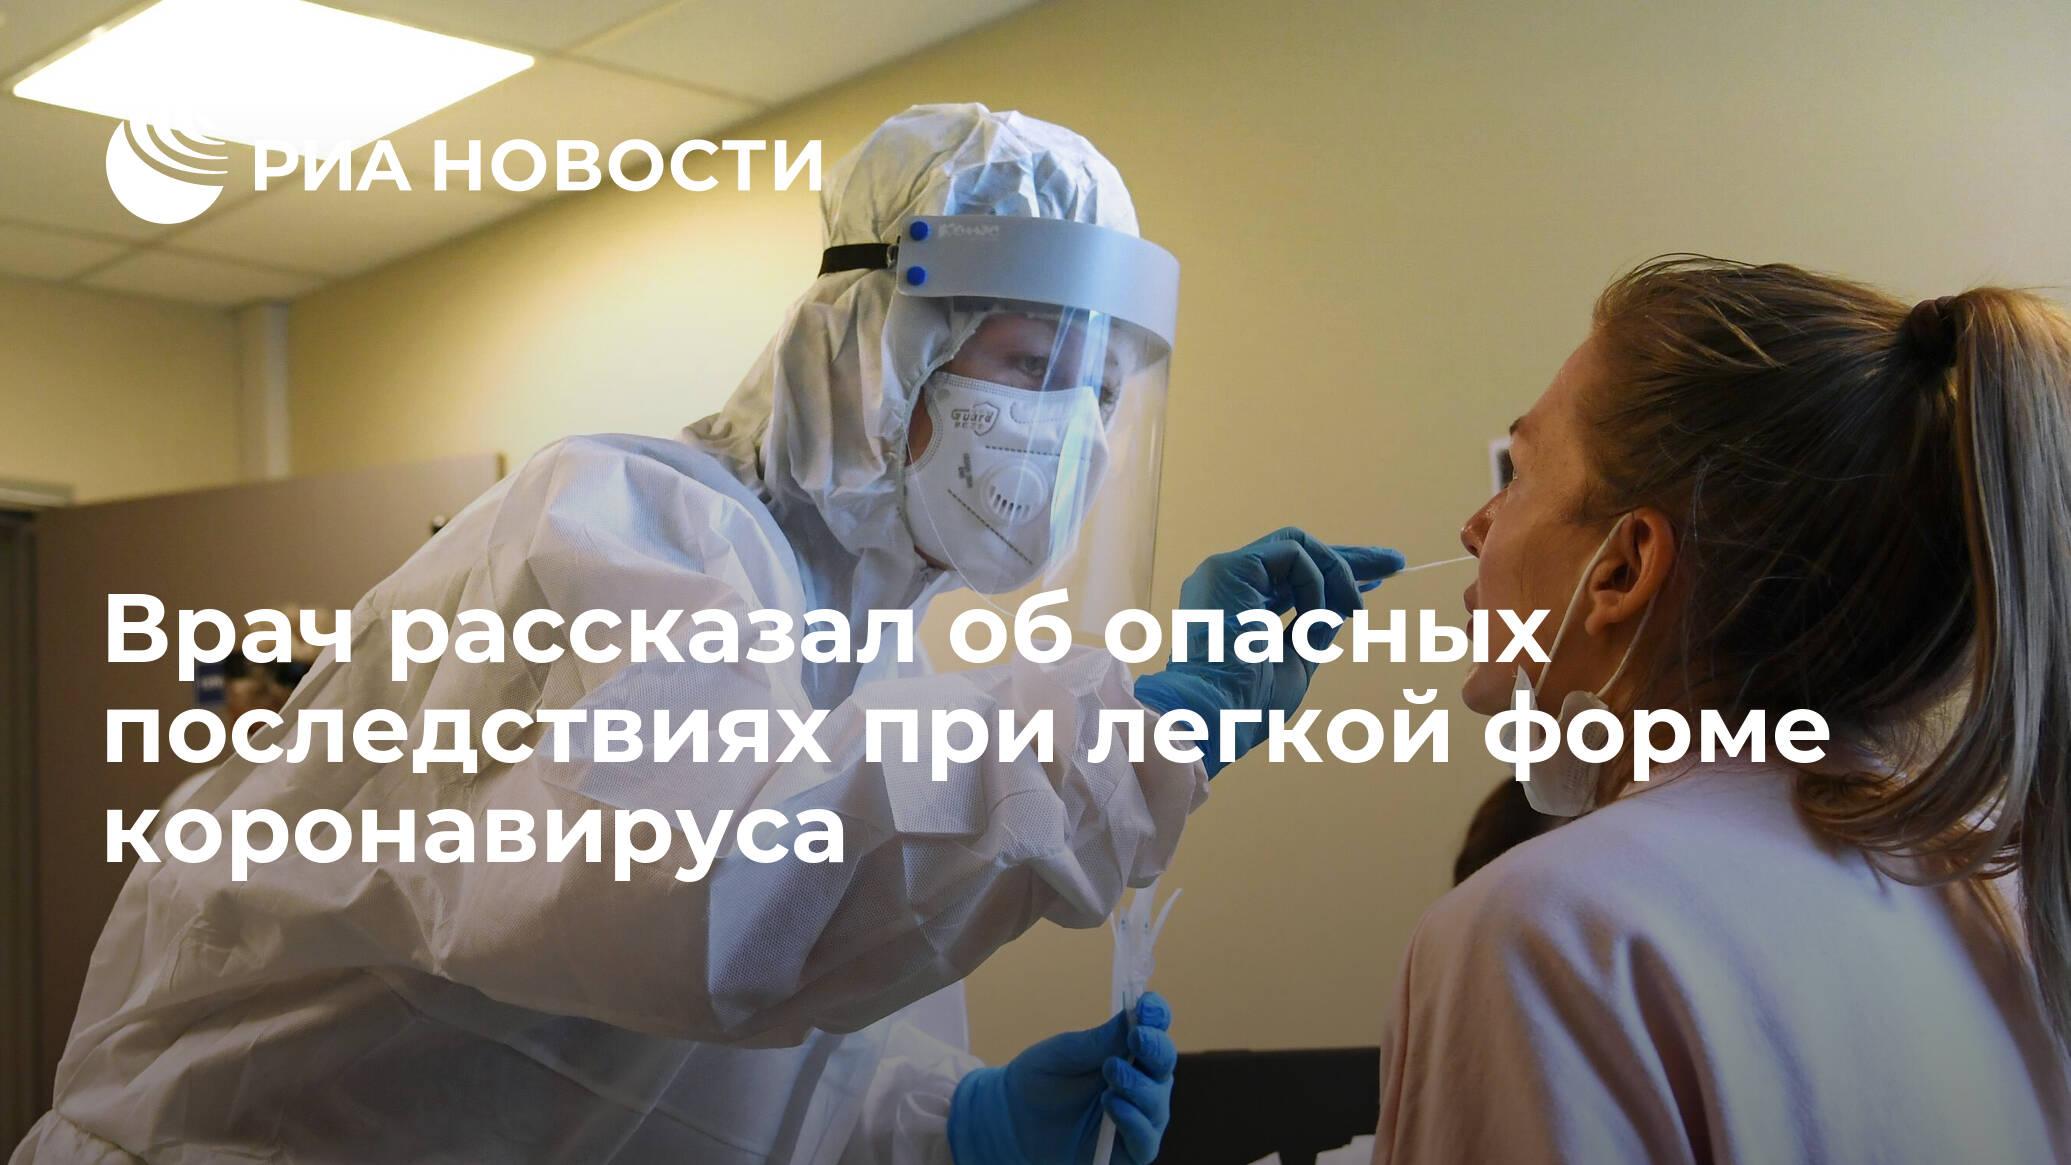 Врач рассказал об опасных последствиях при легкой форме коронавируса